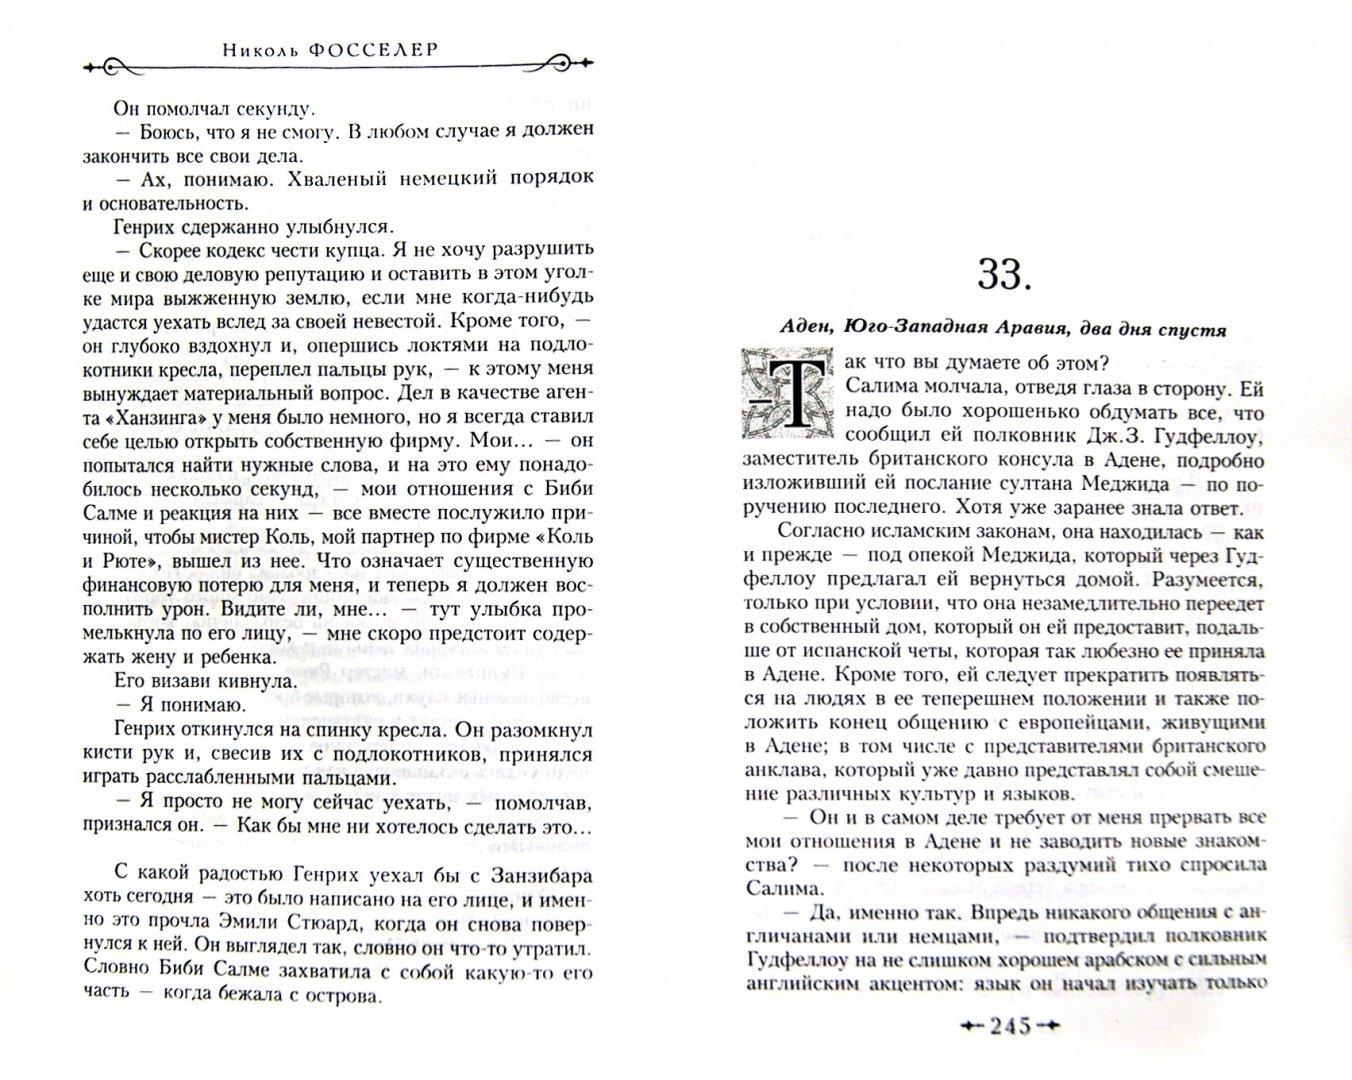 Иллюстрация 1 из 6 для Звезды над Занзибаром - Николь Фосселер | Лабиринт - книги. Источник: Лабиринт